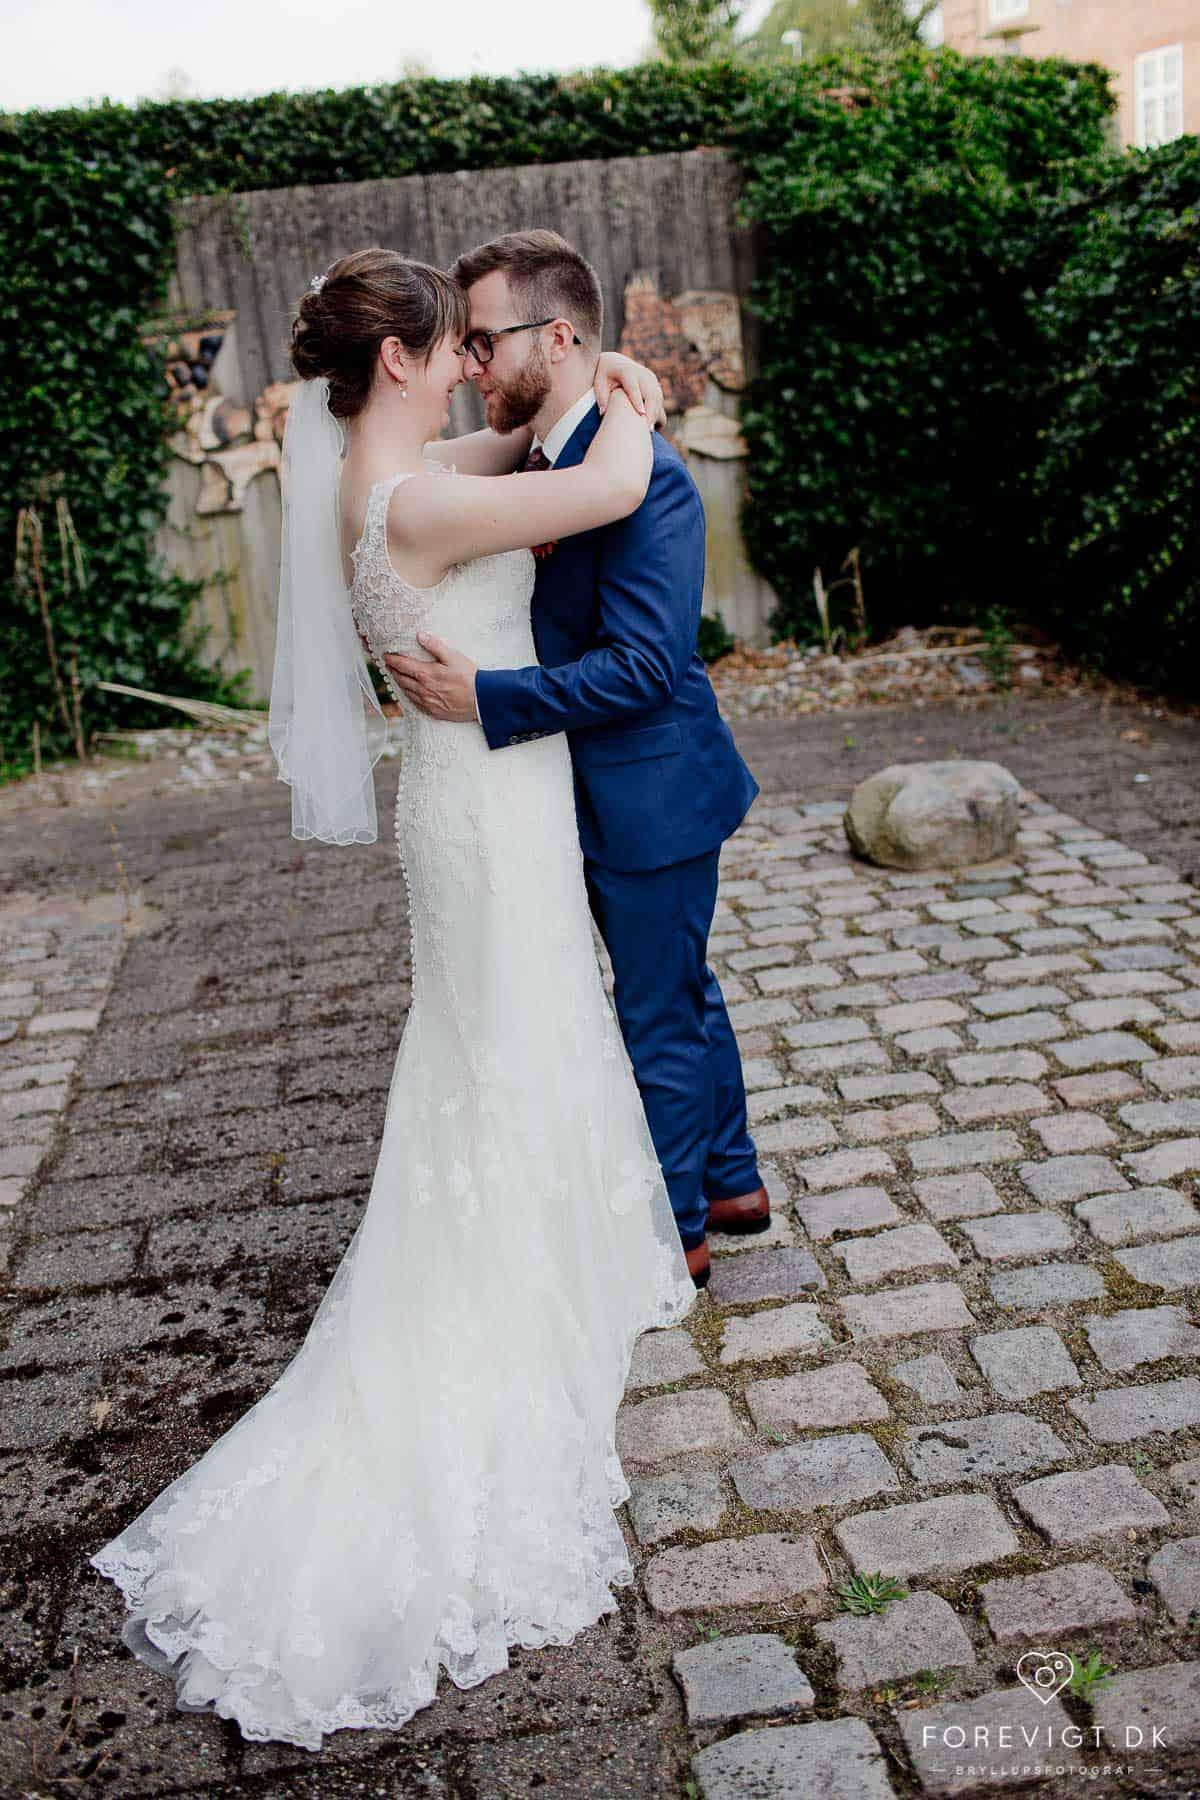 Bryllupsfotograf Haderslev | Billeder og video